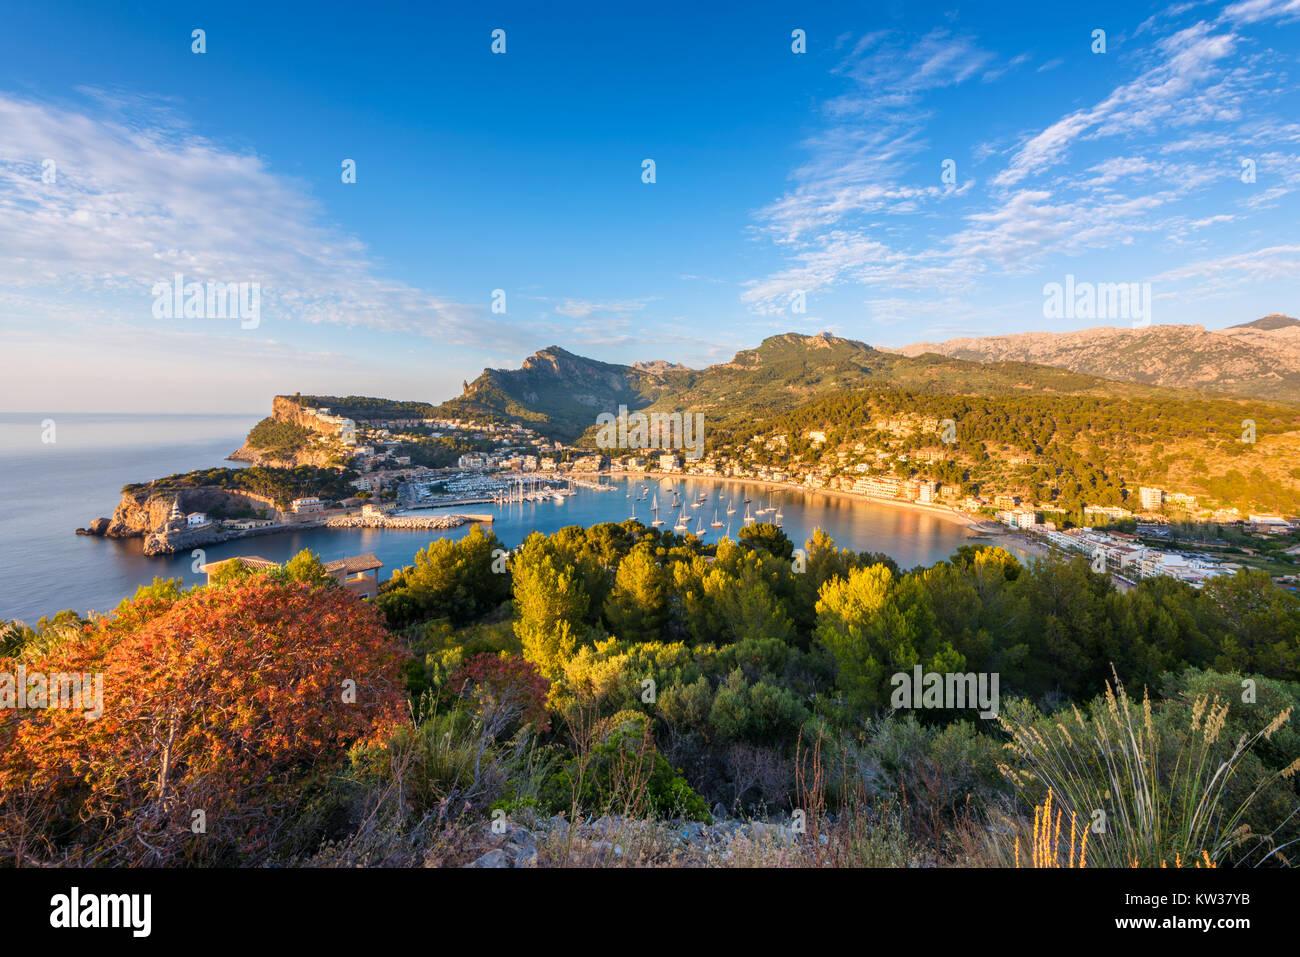 Angolo di Alta Vista sul Port de Soller Mallorca Spagna al tramonto Immagini Stock